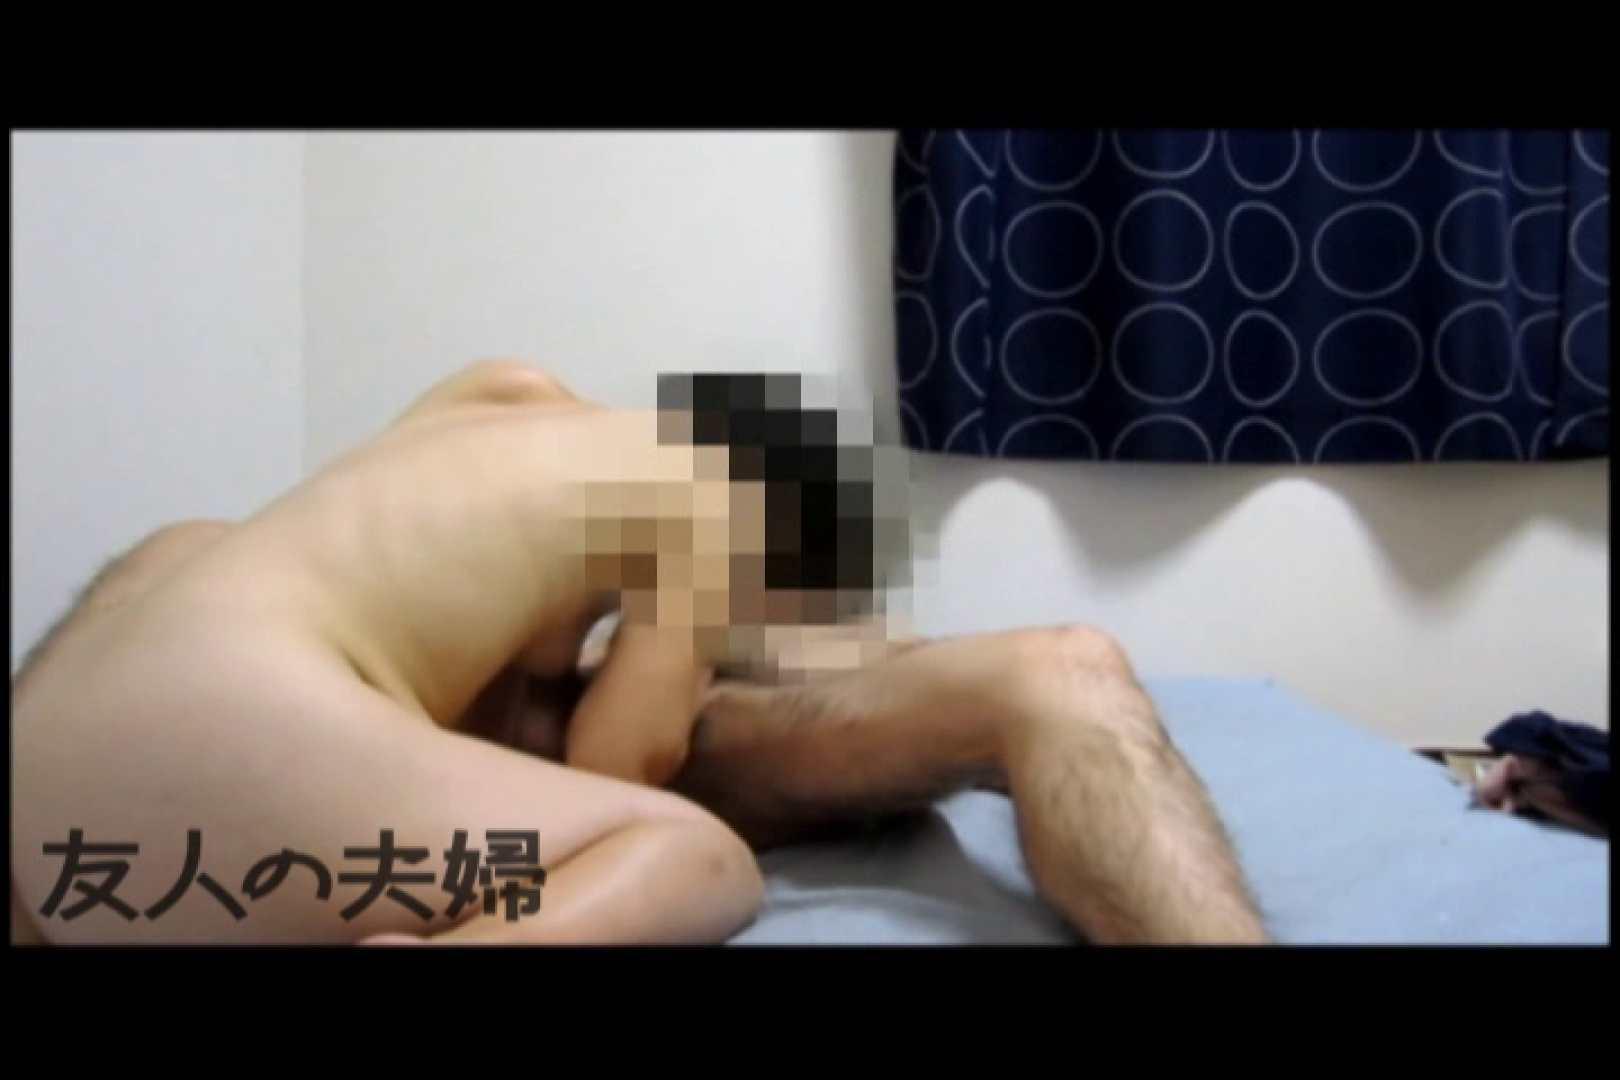 友人夫婦のSEX 友人の・・・   SEX映像  101pic 37